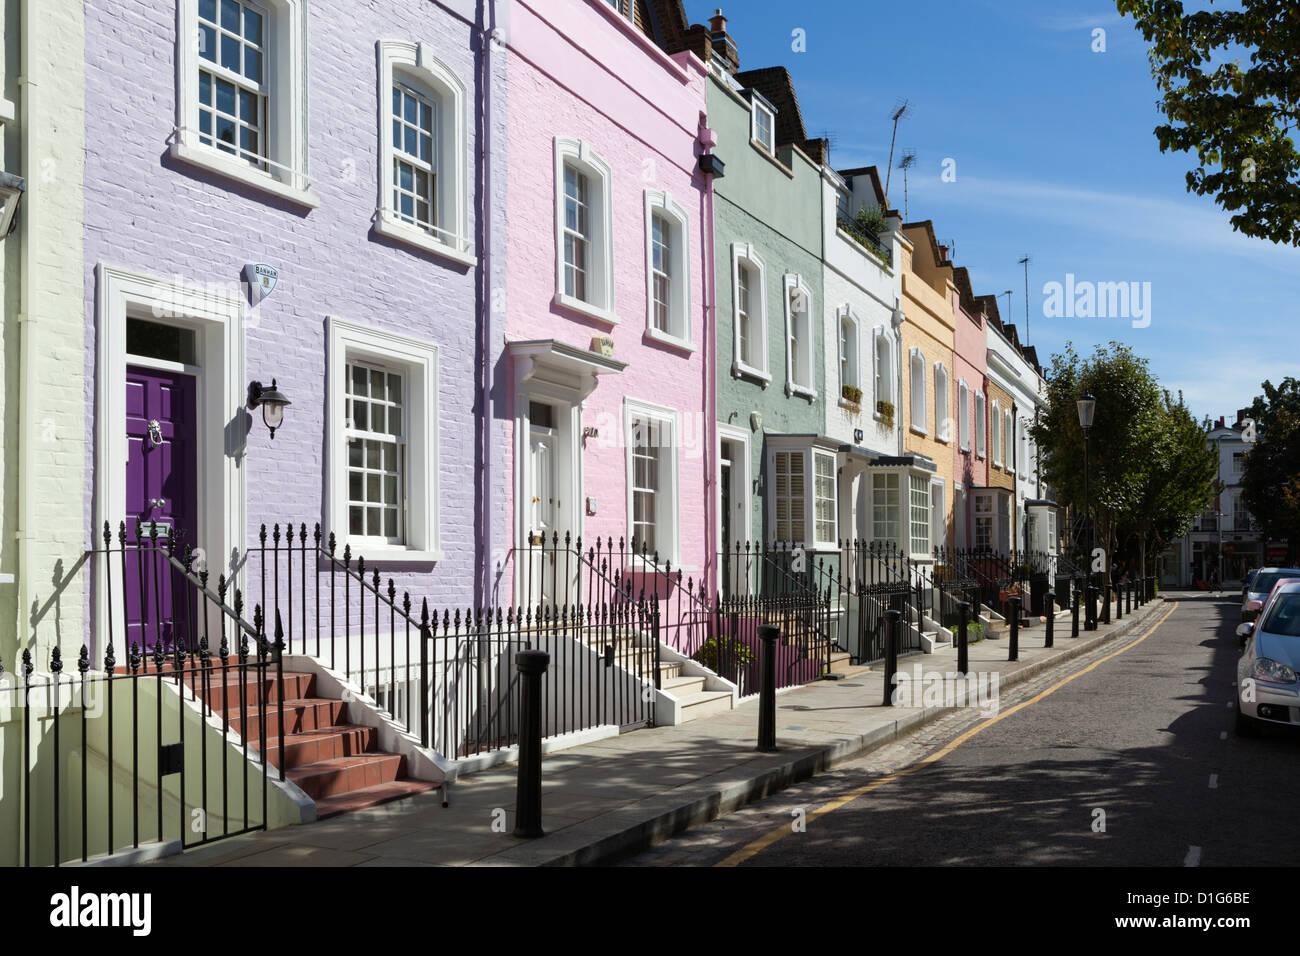 Pastellfarben Reihenhaus Häuser, Bywater Street, Chelsea, London, England, Vereinigtes Königreich, Europa Stockbild